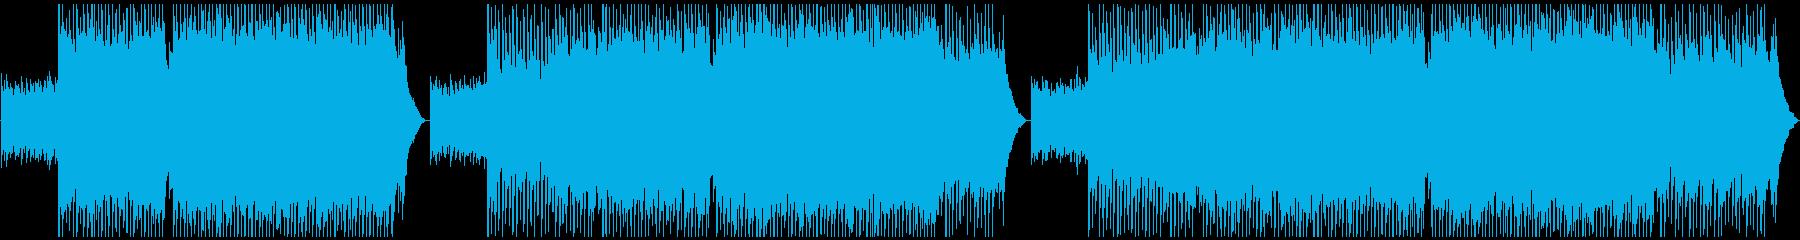 爽やかポップなコーポレート系BGMの再生済みの波形